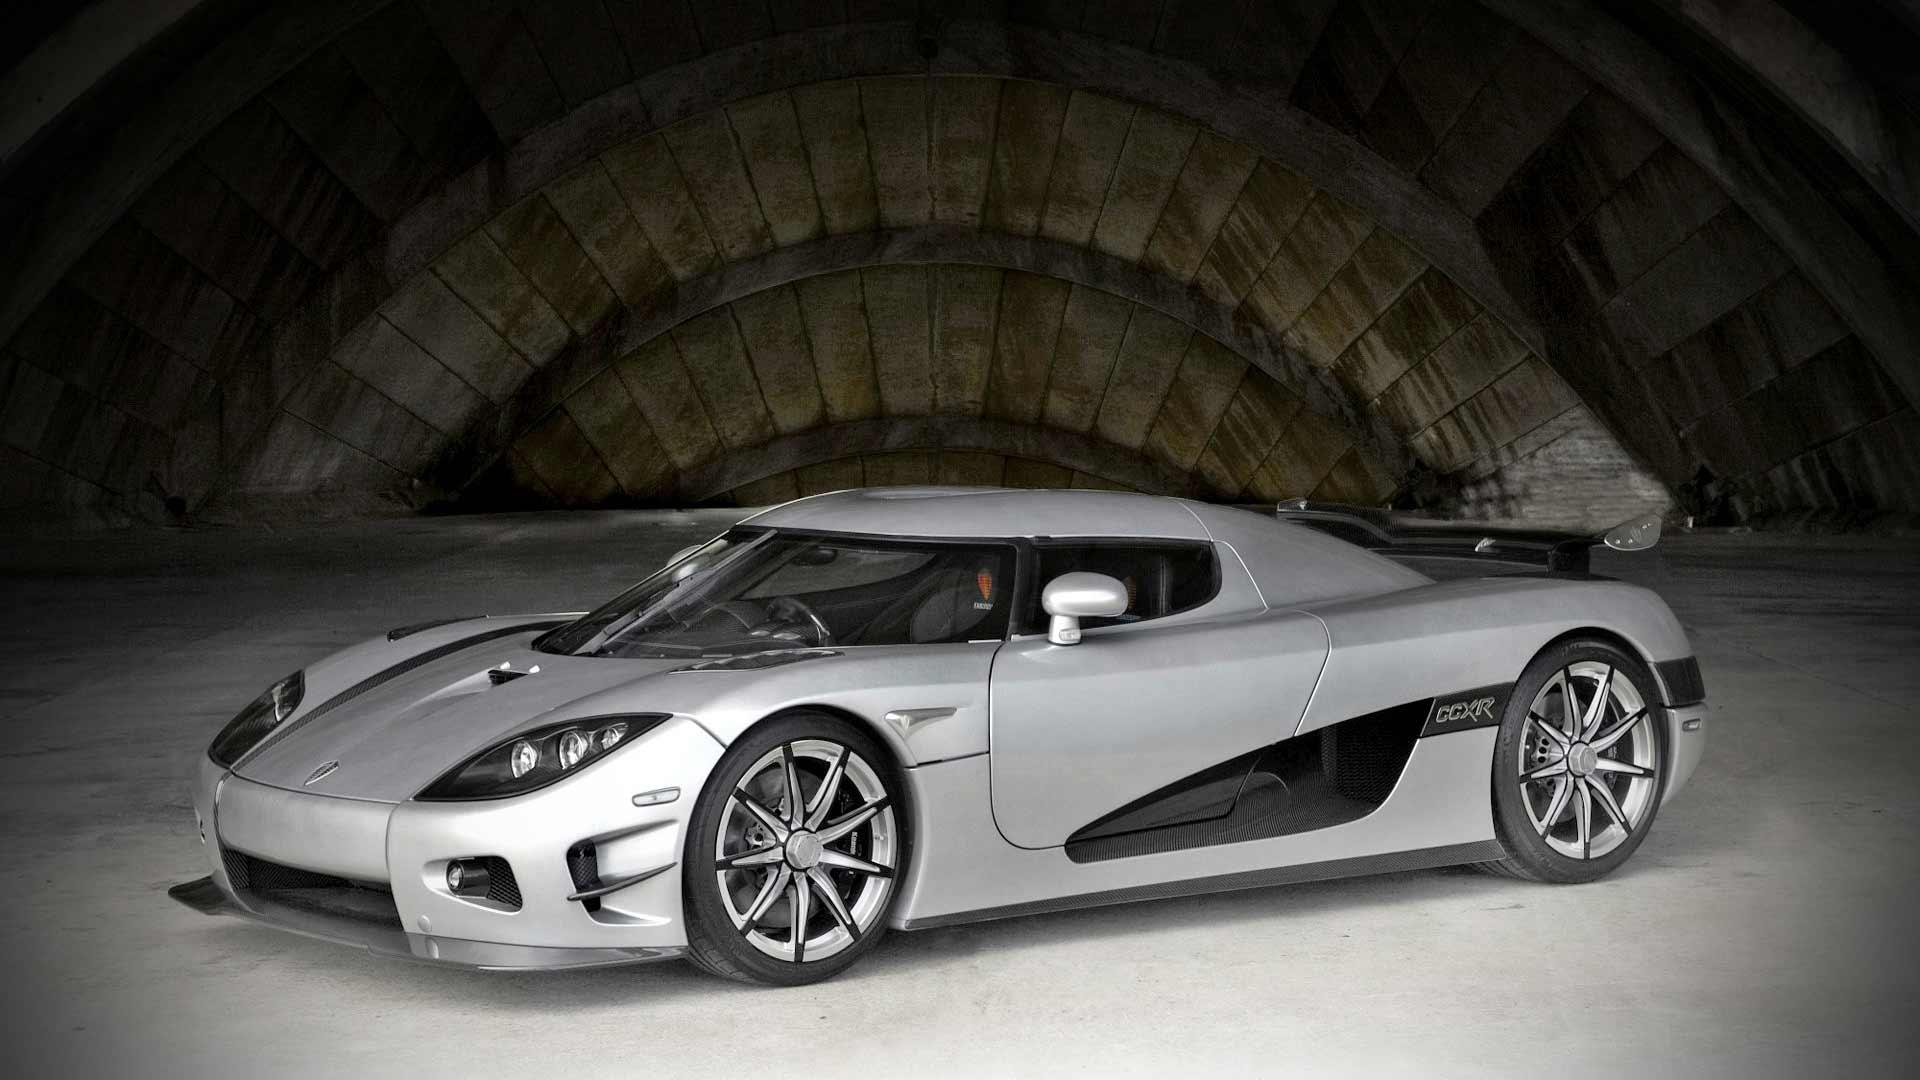 Koenigsegg CCXR Trevita floyd mayweather new car 4,8M$